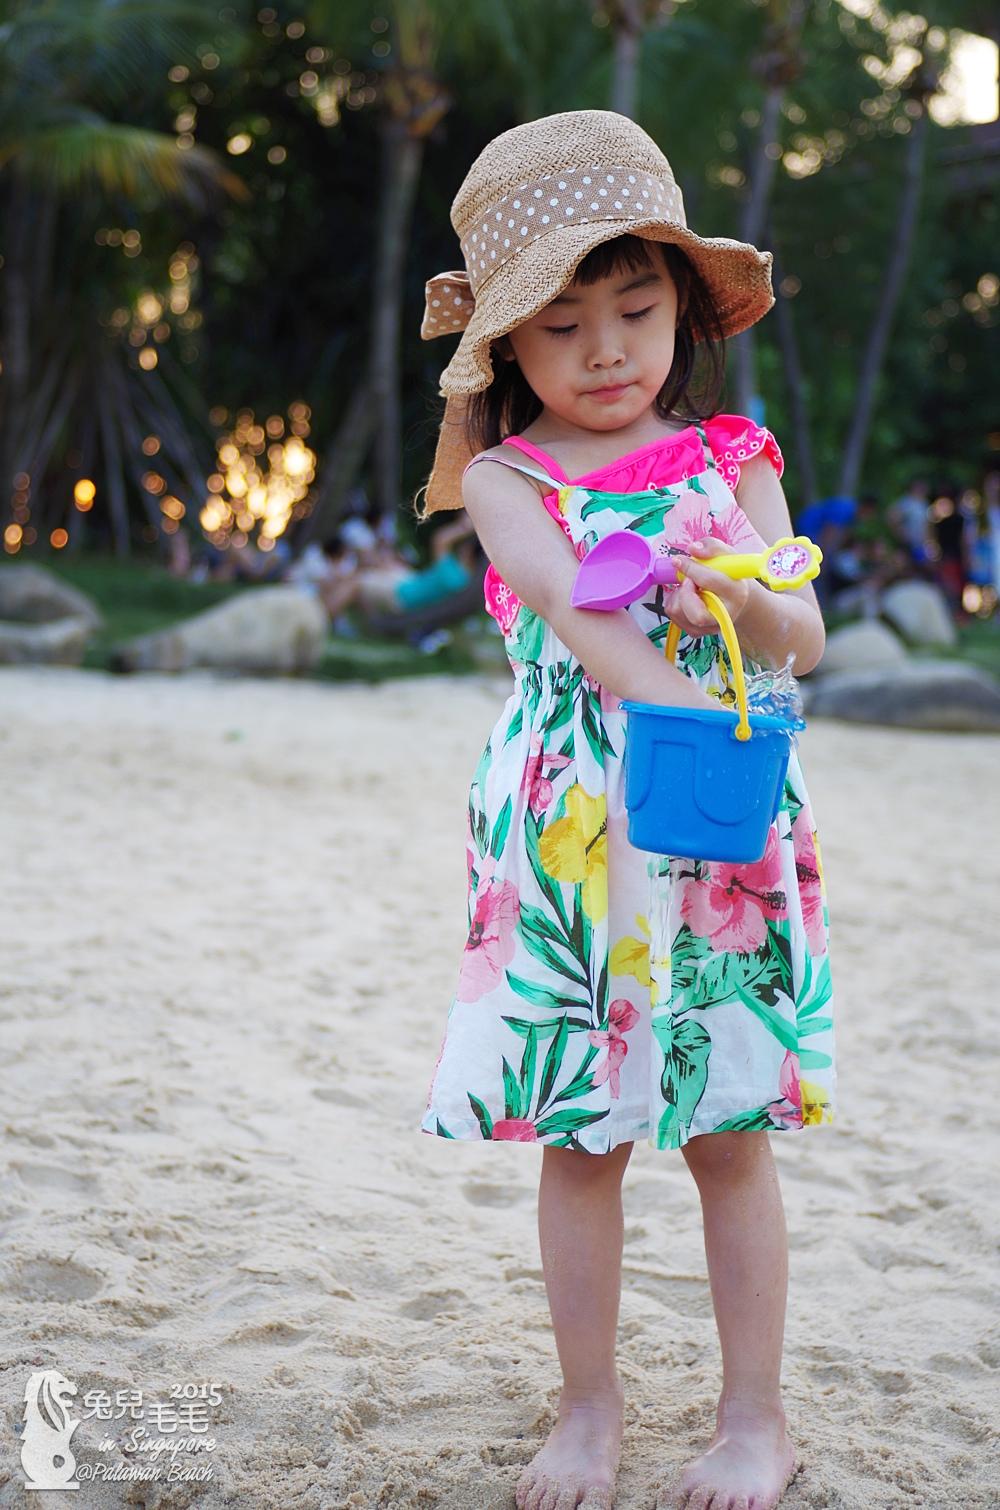 0215-palawan beach-27.jpg